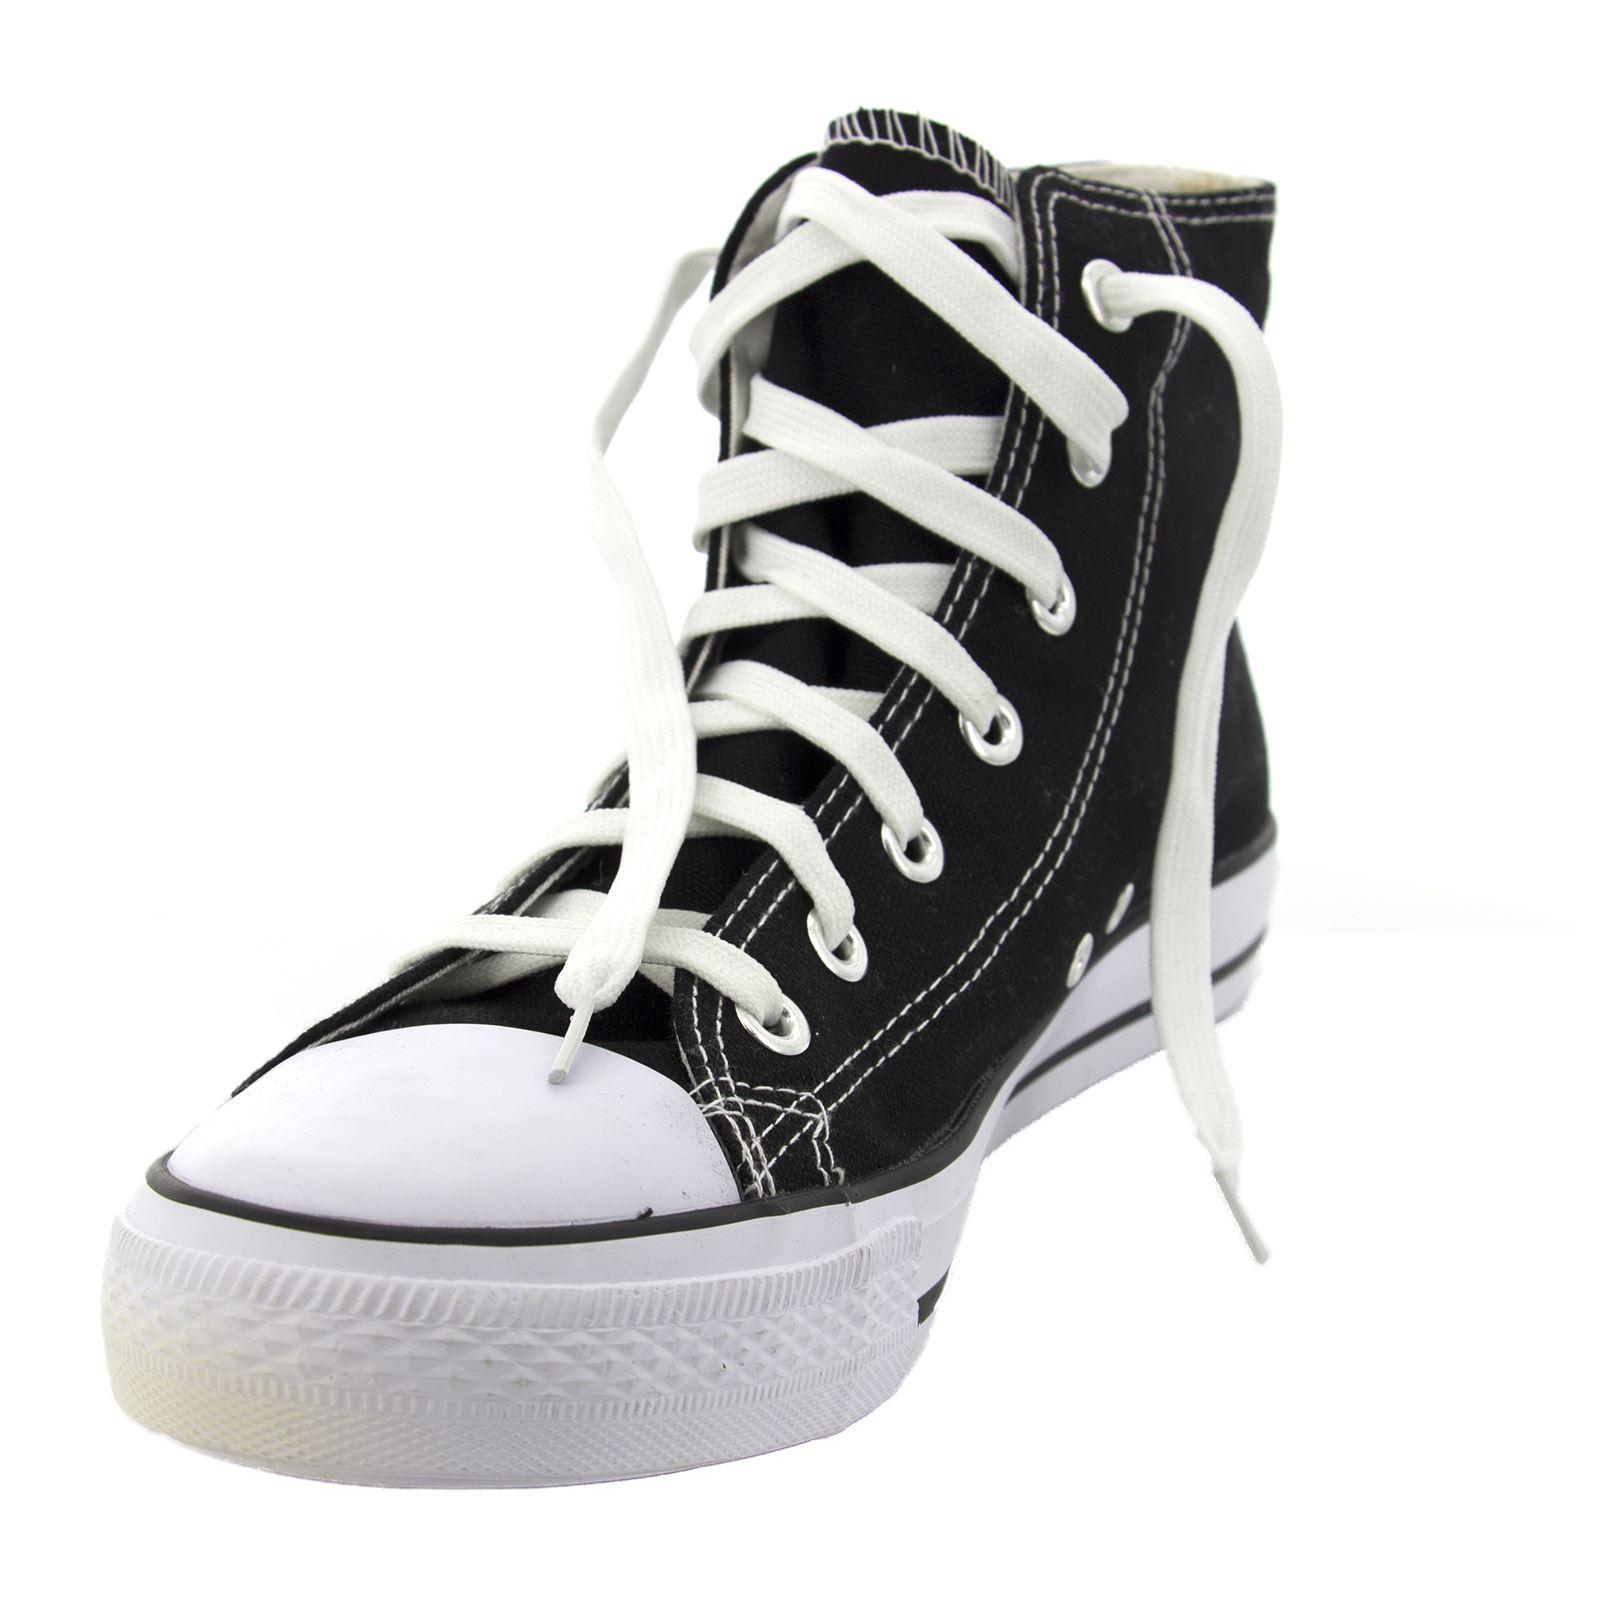 Scarpe da Ginnastica Uomo Donna Sneakers Alte Casual Comode Vari Colori Nero 43 ceePXwzdM